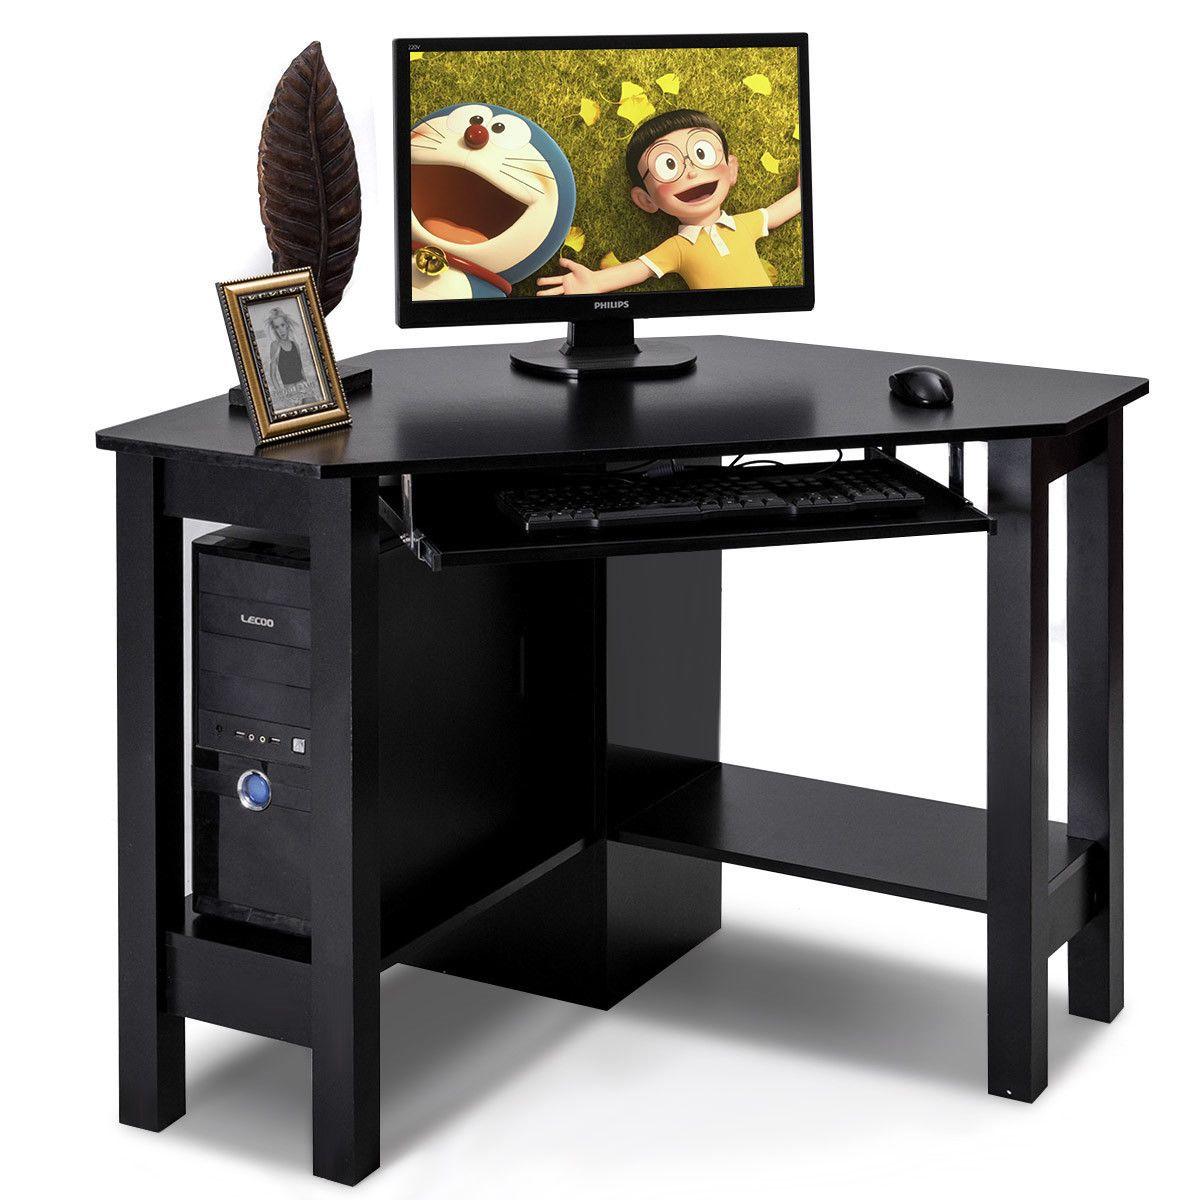 Home Wooden Corner Desk Desk With Drawers Office Computer Desk